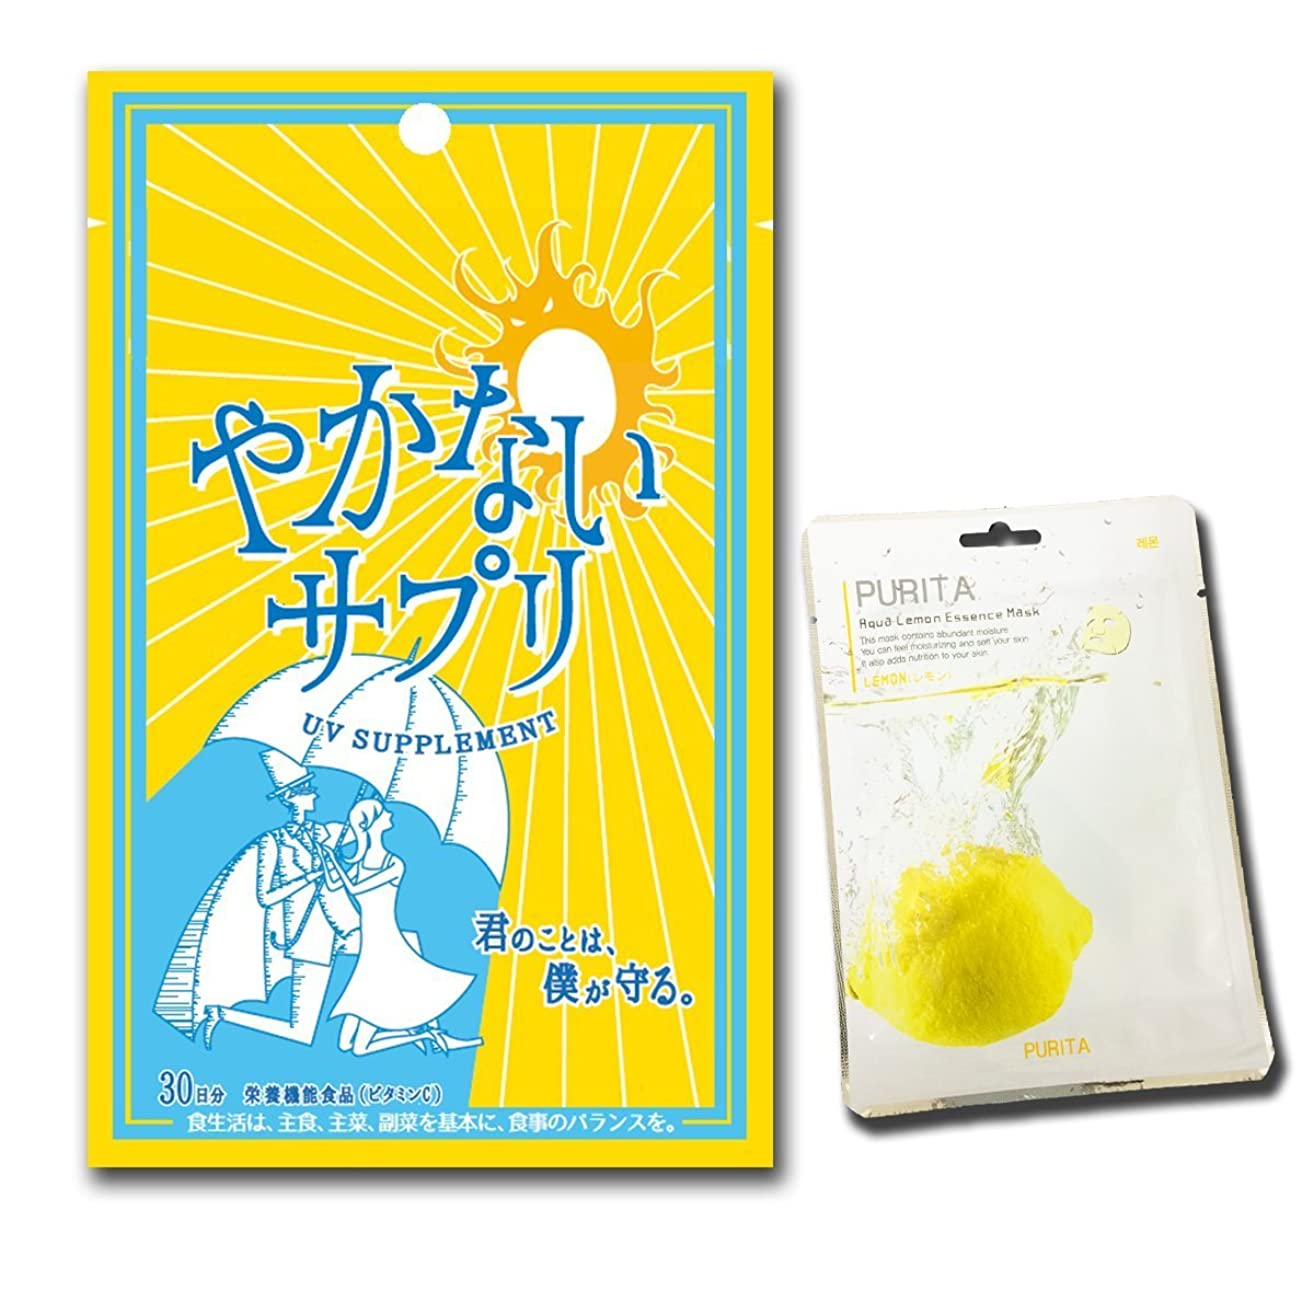 損失サンプルオーバーラン飲む日焼け止め やかないサプリ 日本製 (30粒/30日分) PURITAフェイスマスク1枚付